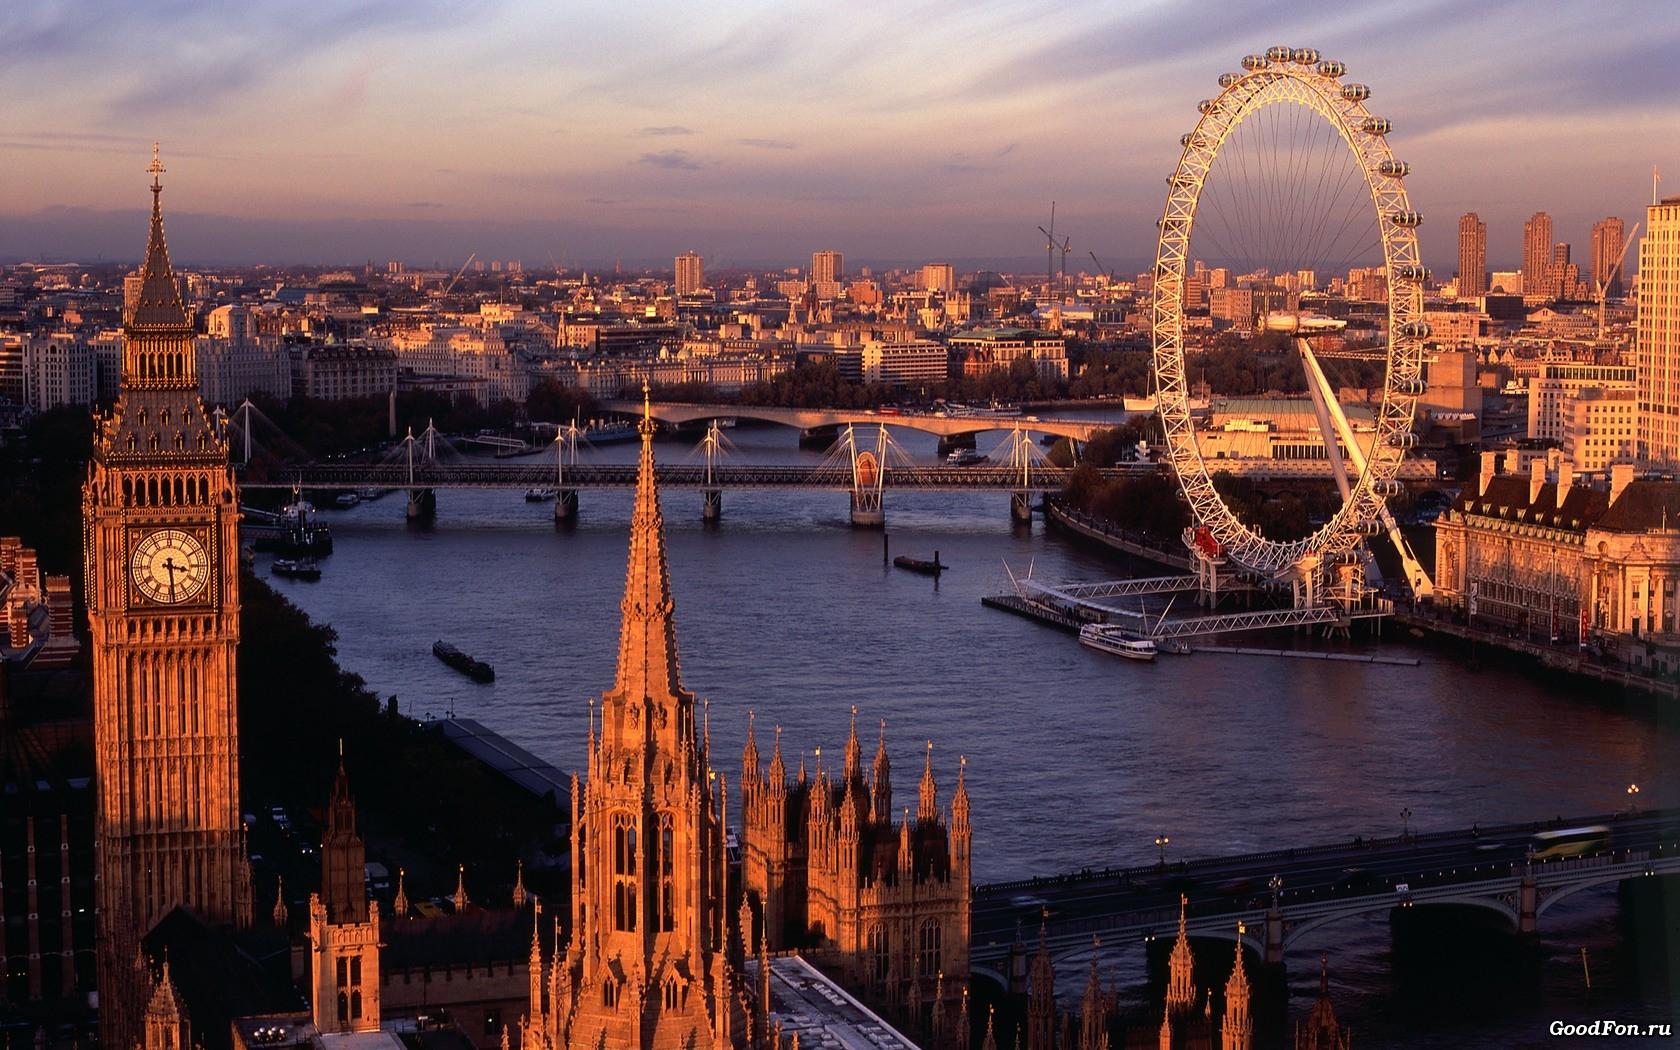 landscapes cityscapes london london eye